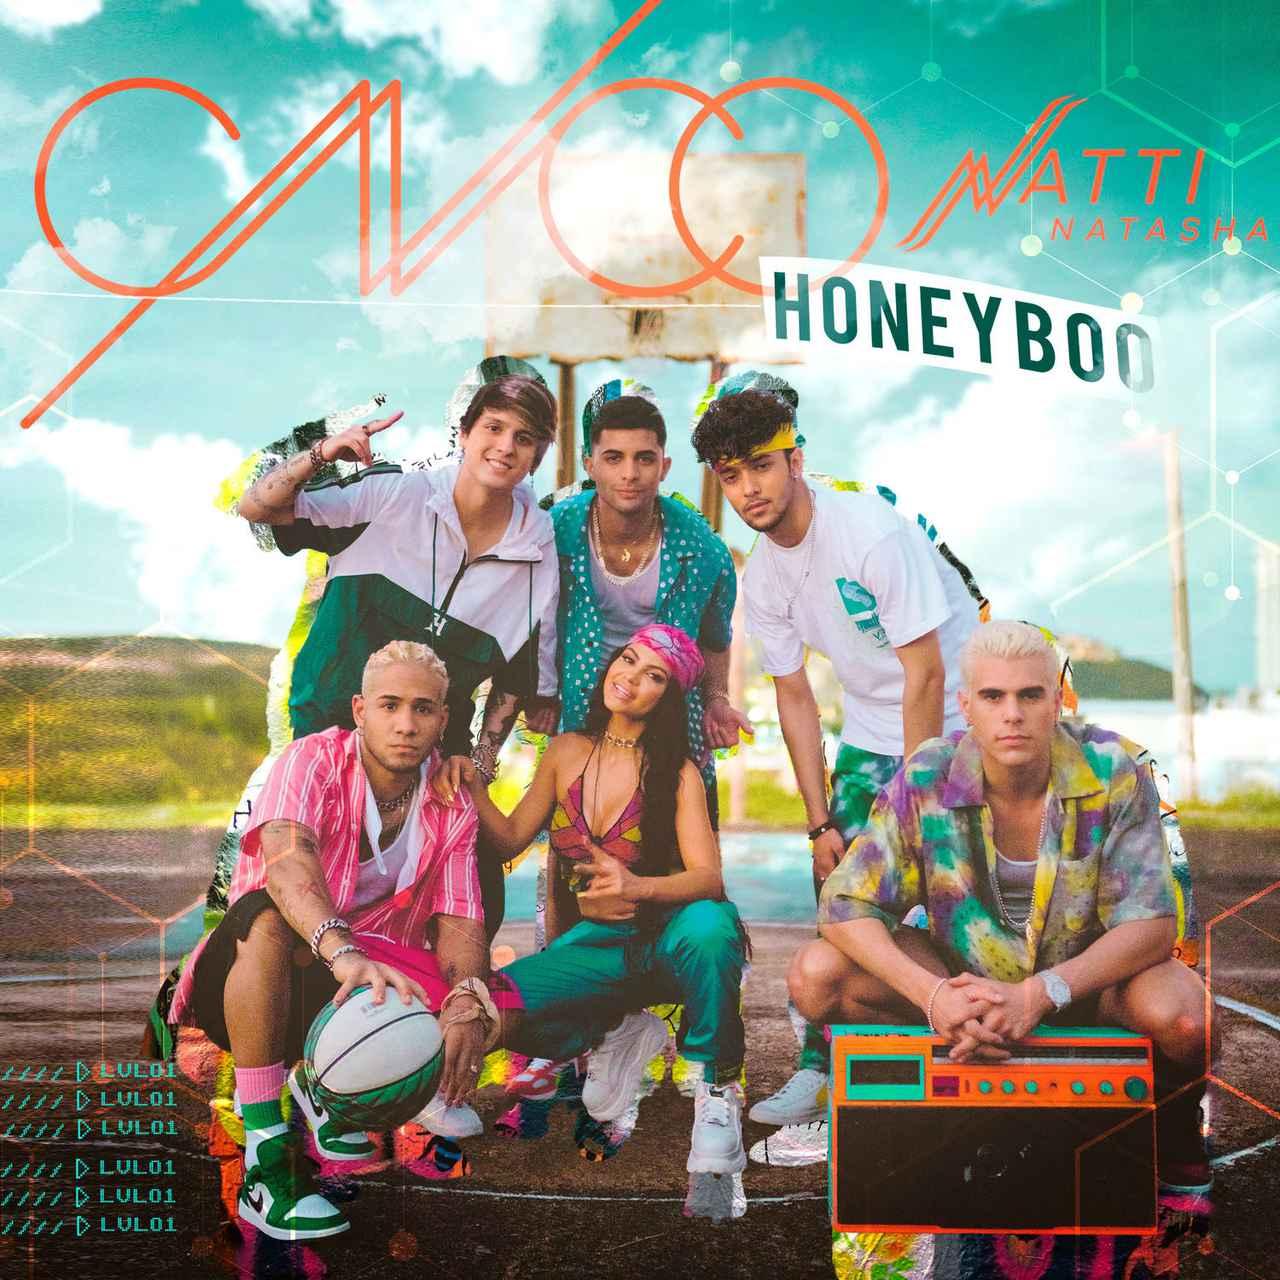 画像: CNCO、「My Boo」に続く新曲「Honey Boo」